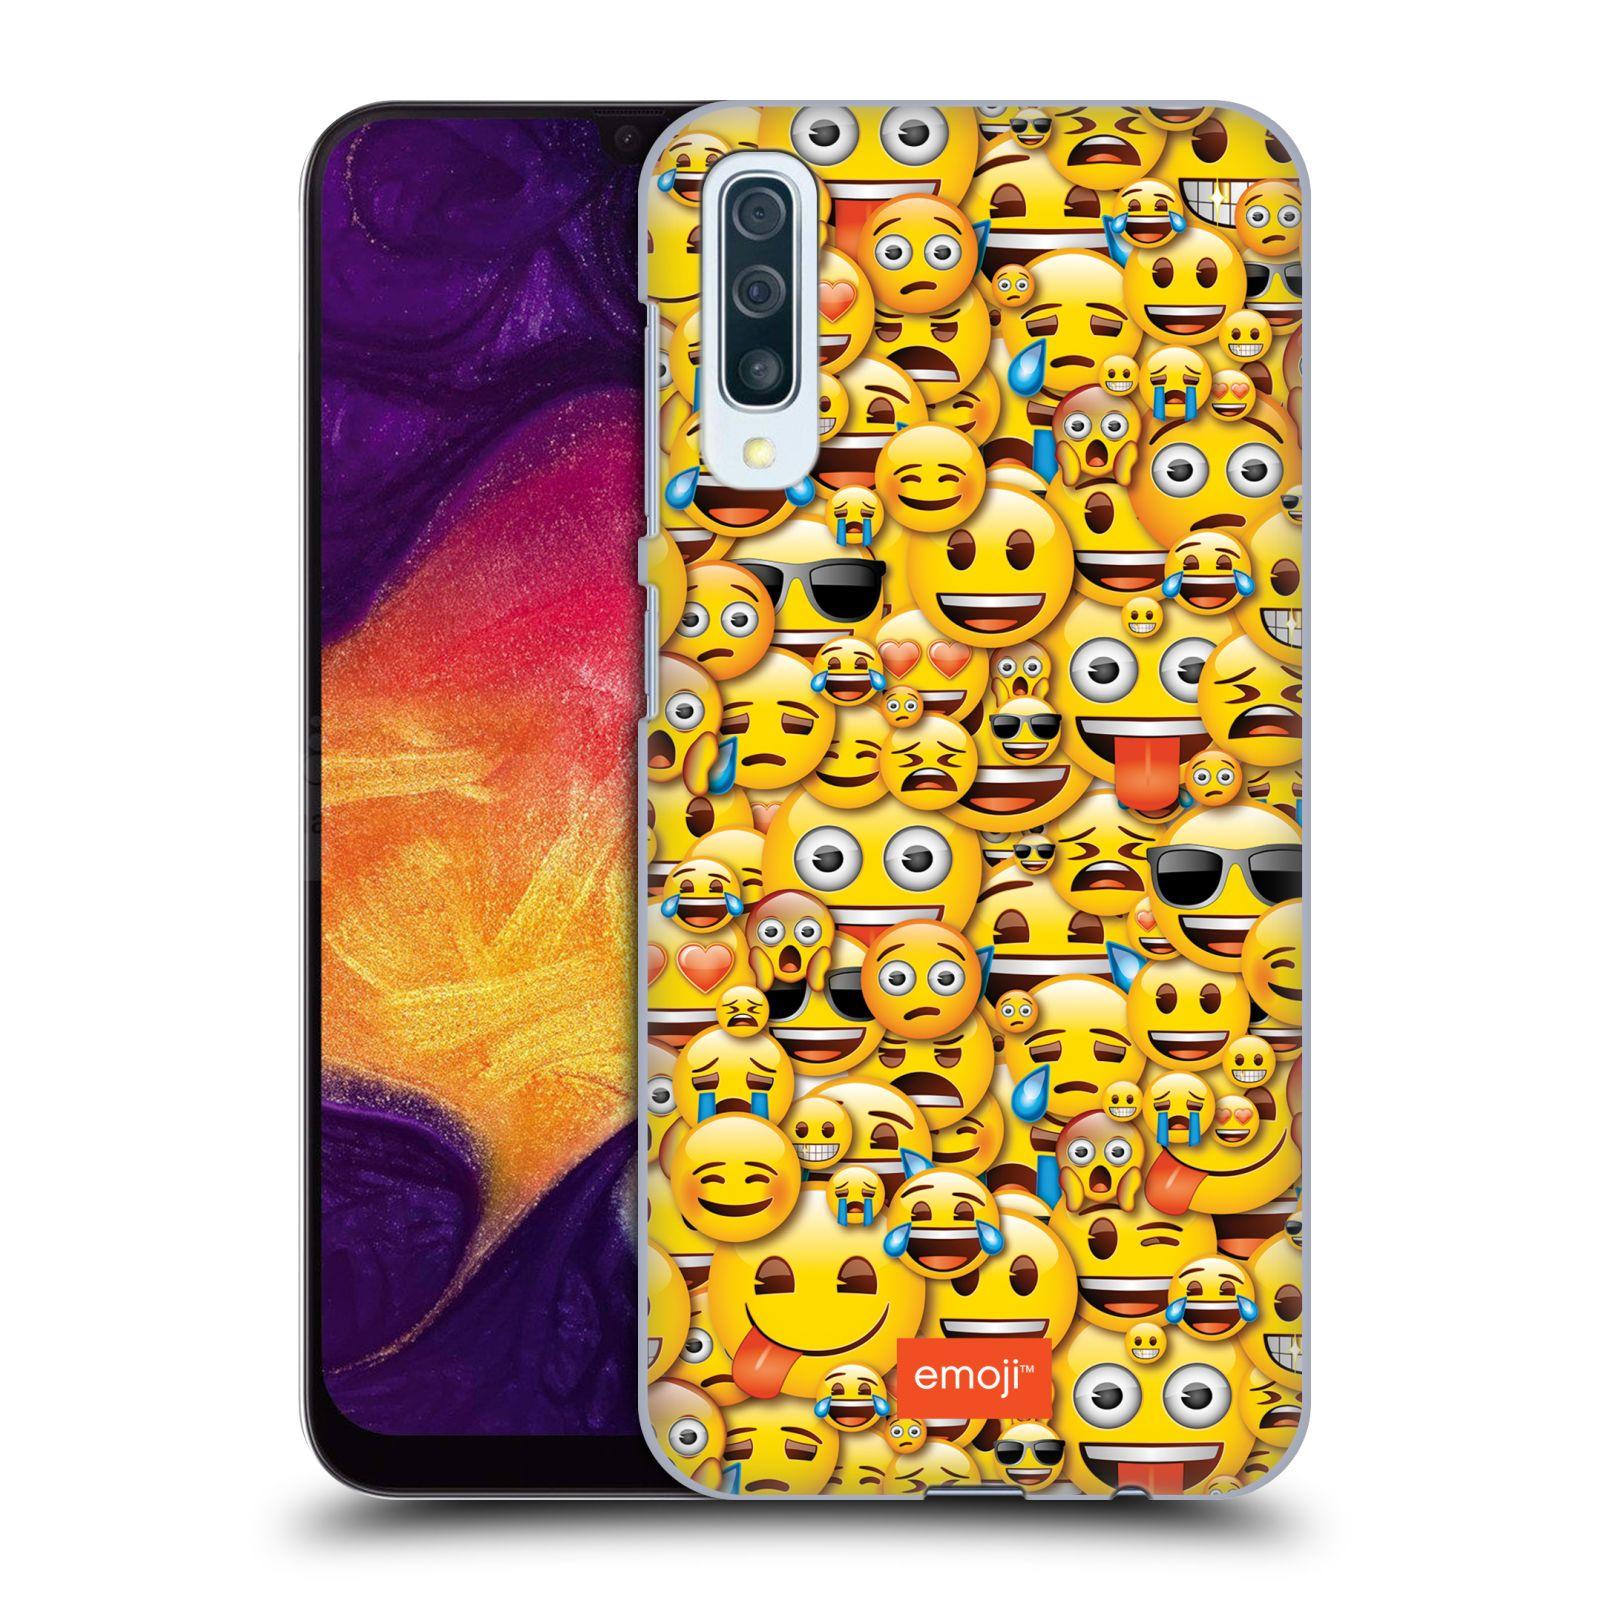 Plastové pouzdro na mobil Samsung Galaxy A50 / A30s - Head Case - EMOJI - Mnoho malých smajlíků